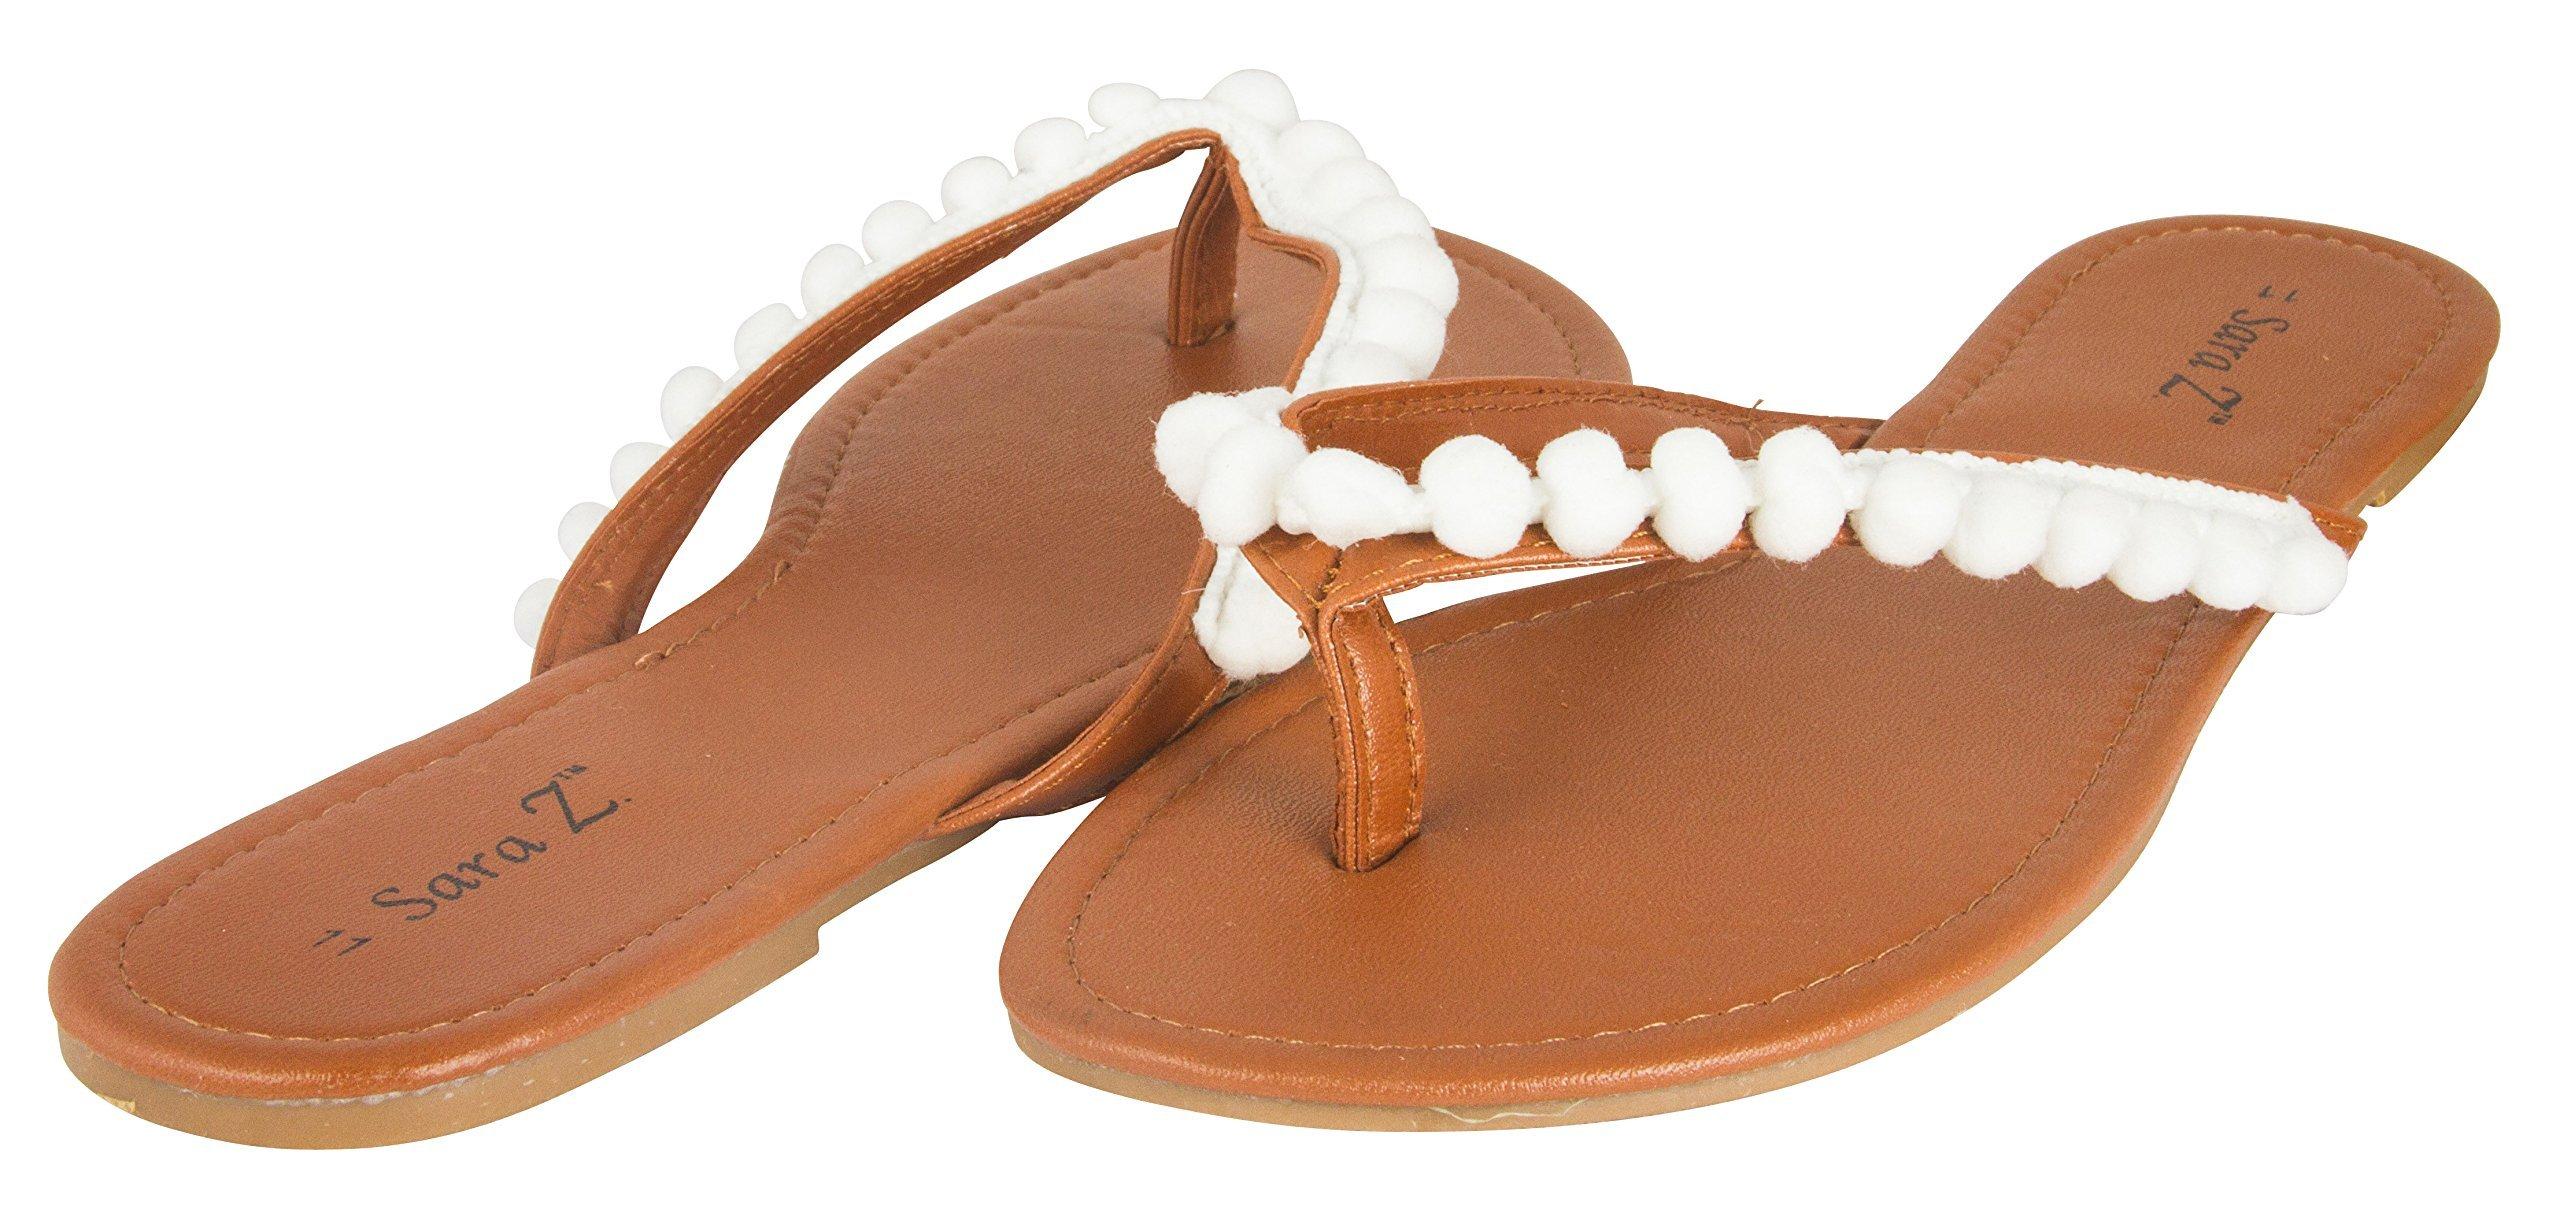 Sara Z Womens Thong Sandal Flip Flop with Pom Pom Trim Size 7/8 White